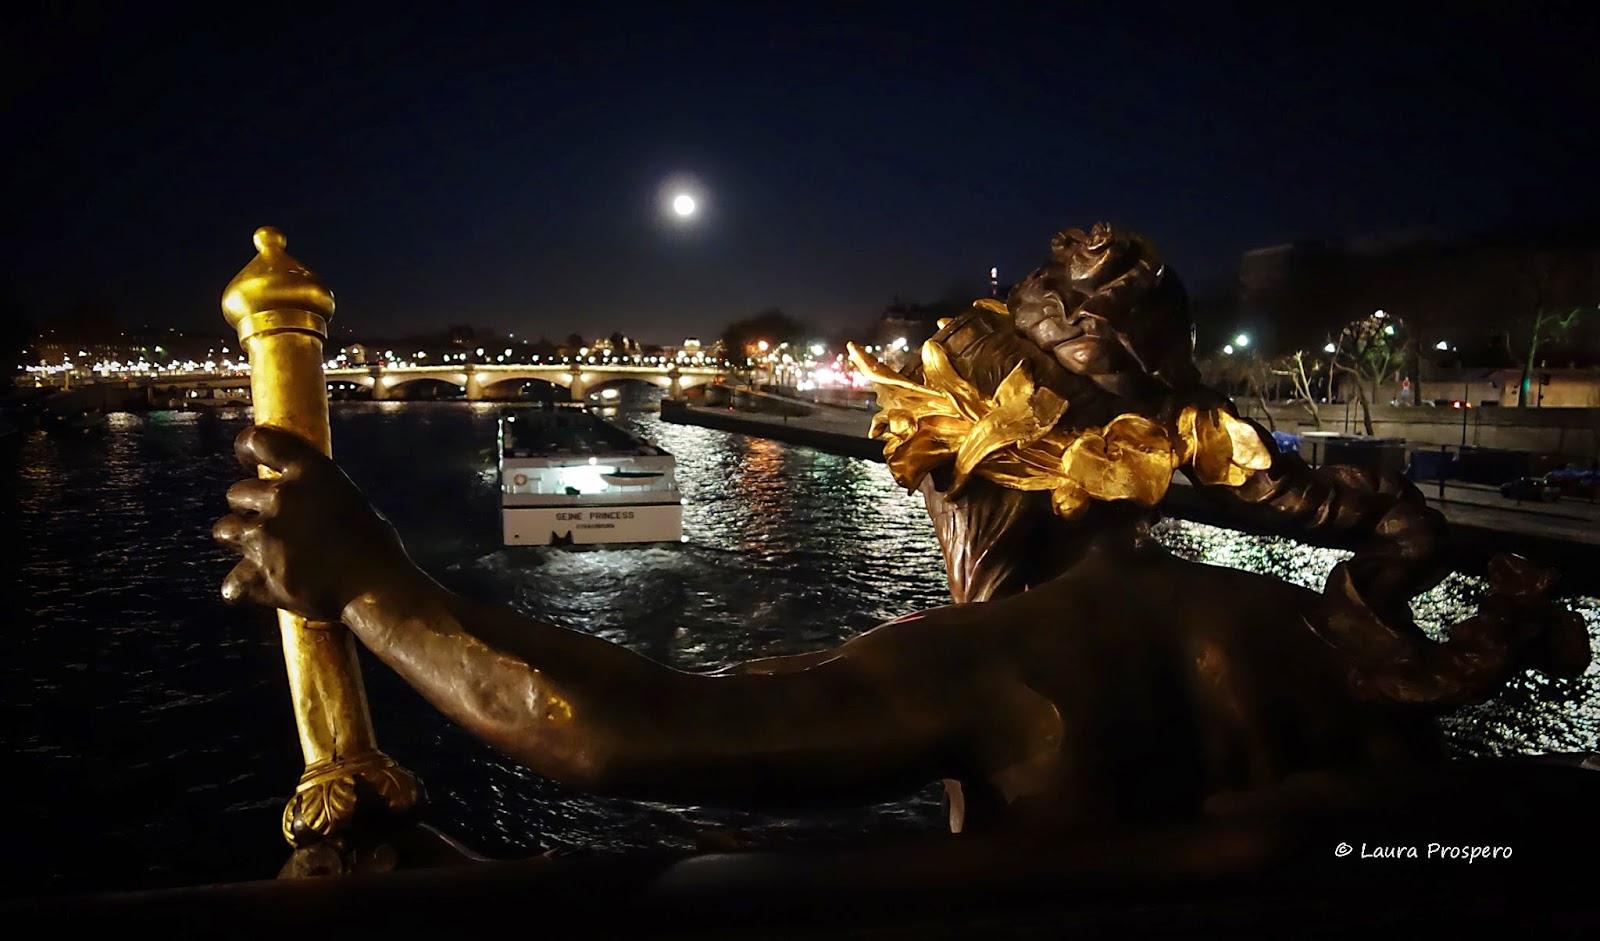 pleine lune sur le pont © Laura Prospero